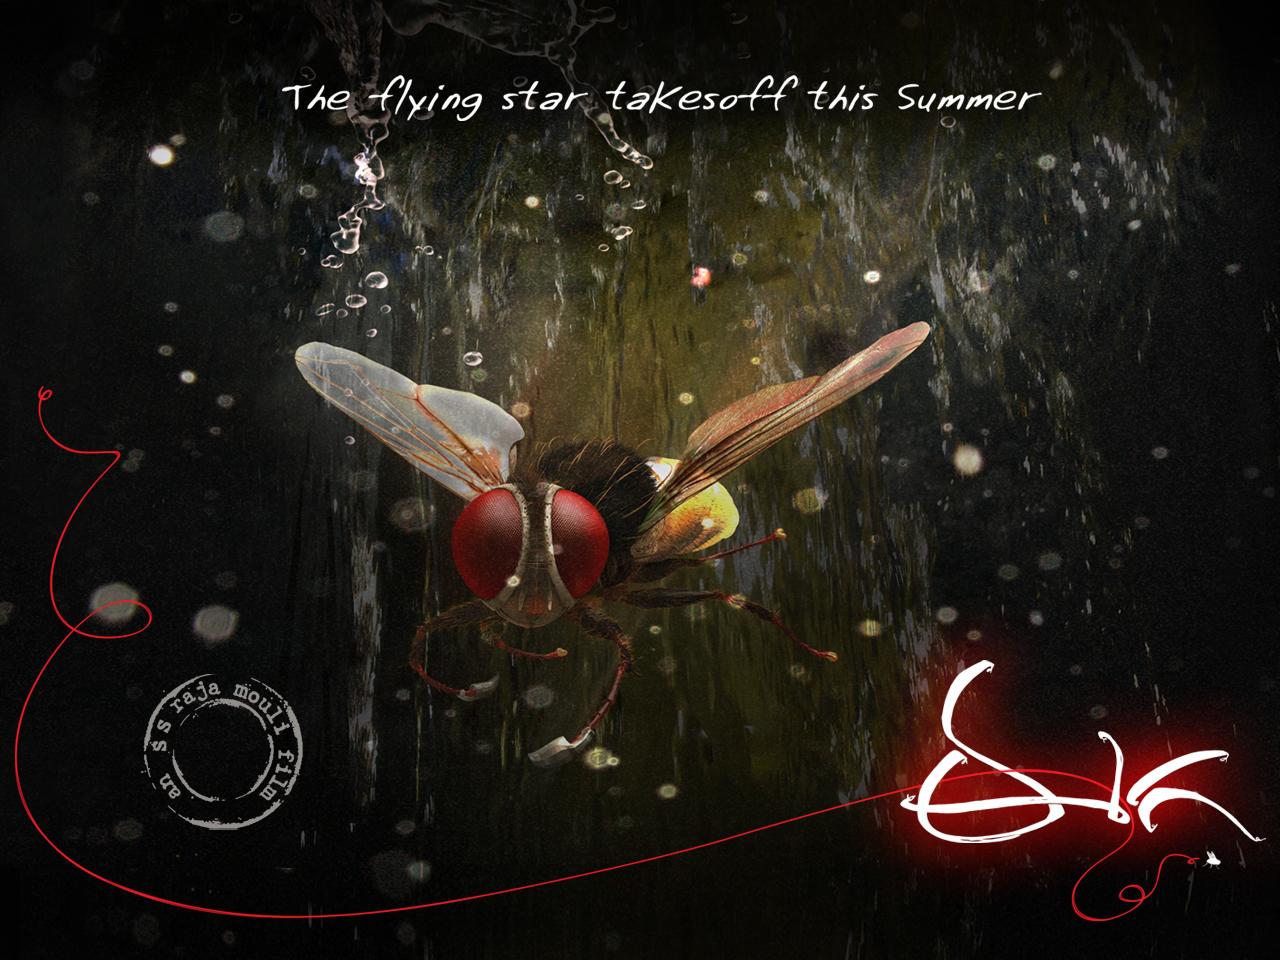 http://4.bp.blogspot.com/-g1iQIKTVsiY/T3l2lP_-IGI/AAAAAAAACOo/iabEMO63uaA/s1600/eega+posters-hd-ptl-samantha+-cinemad-70mm+(7).jpg